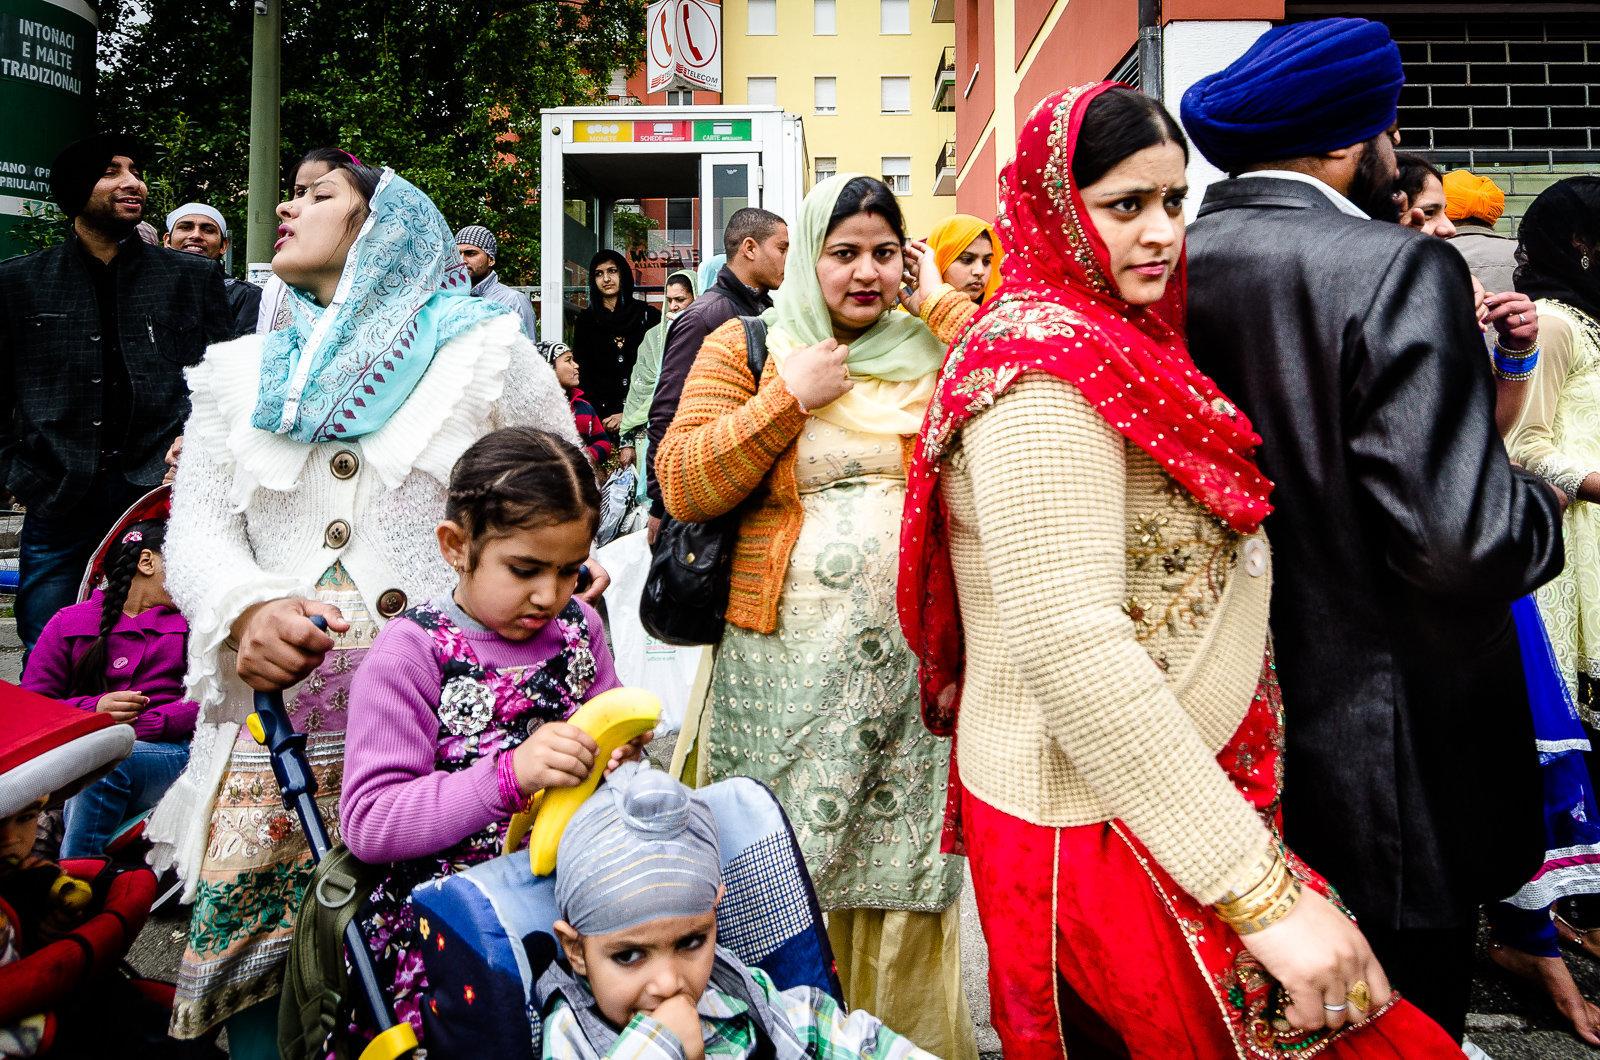 0012_20120414_Sikh_1130.jpg